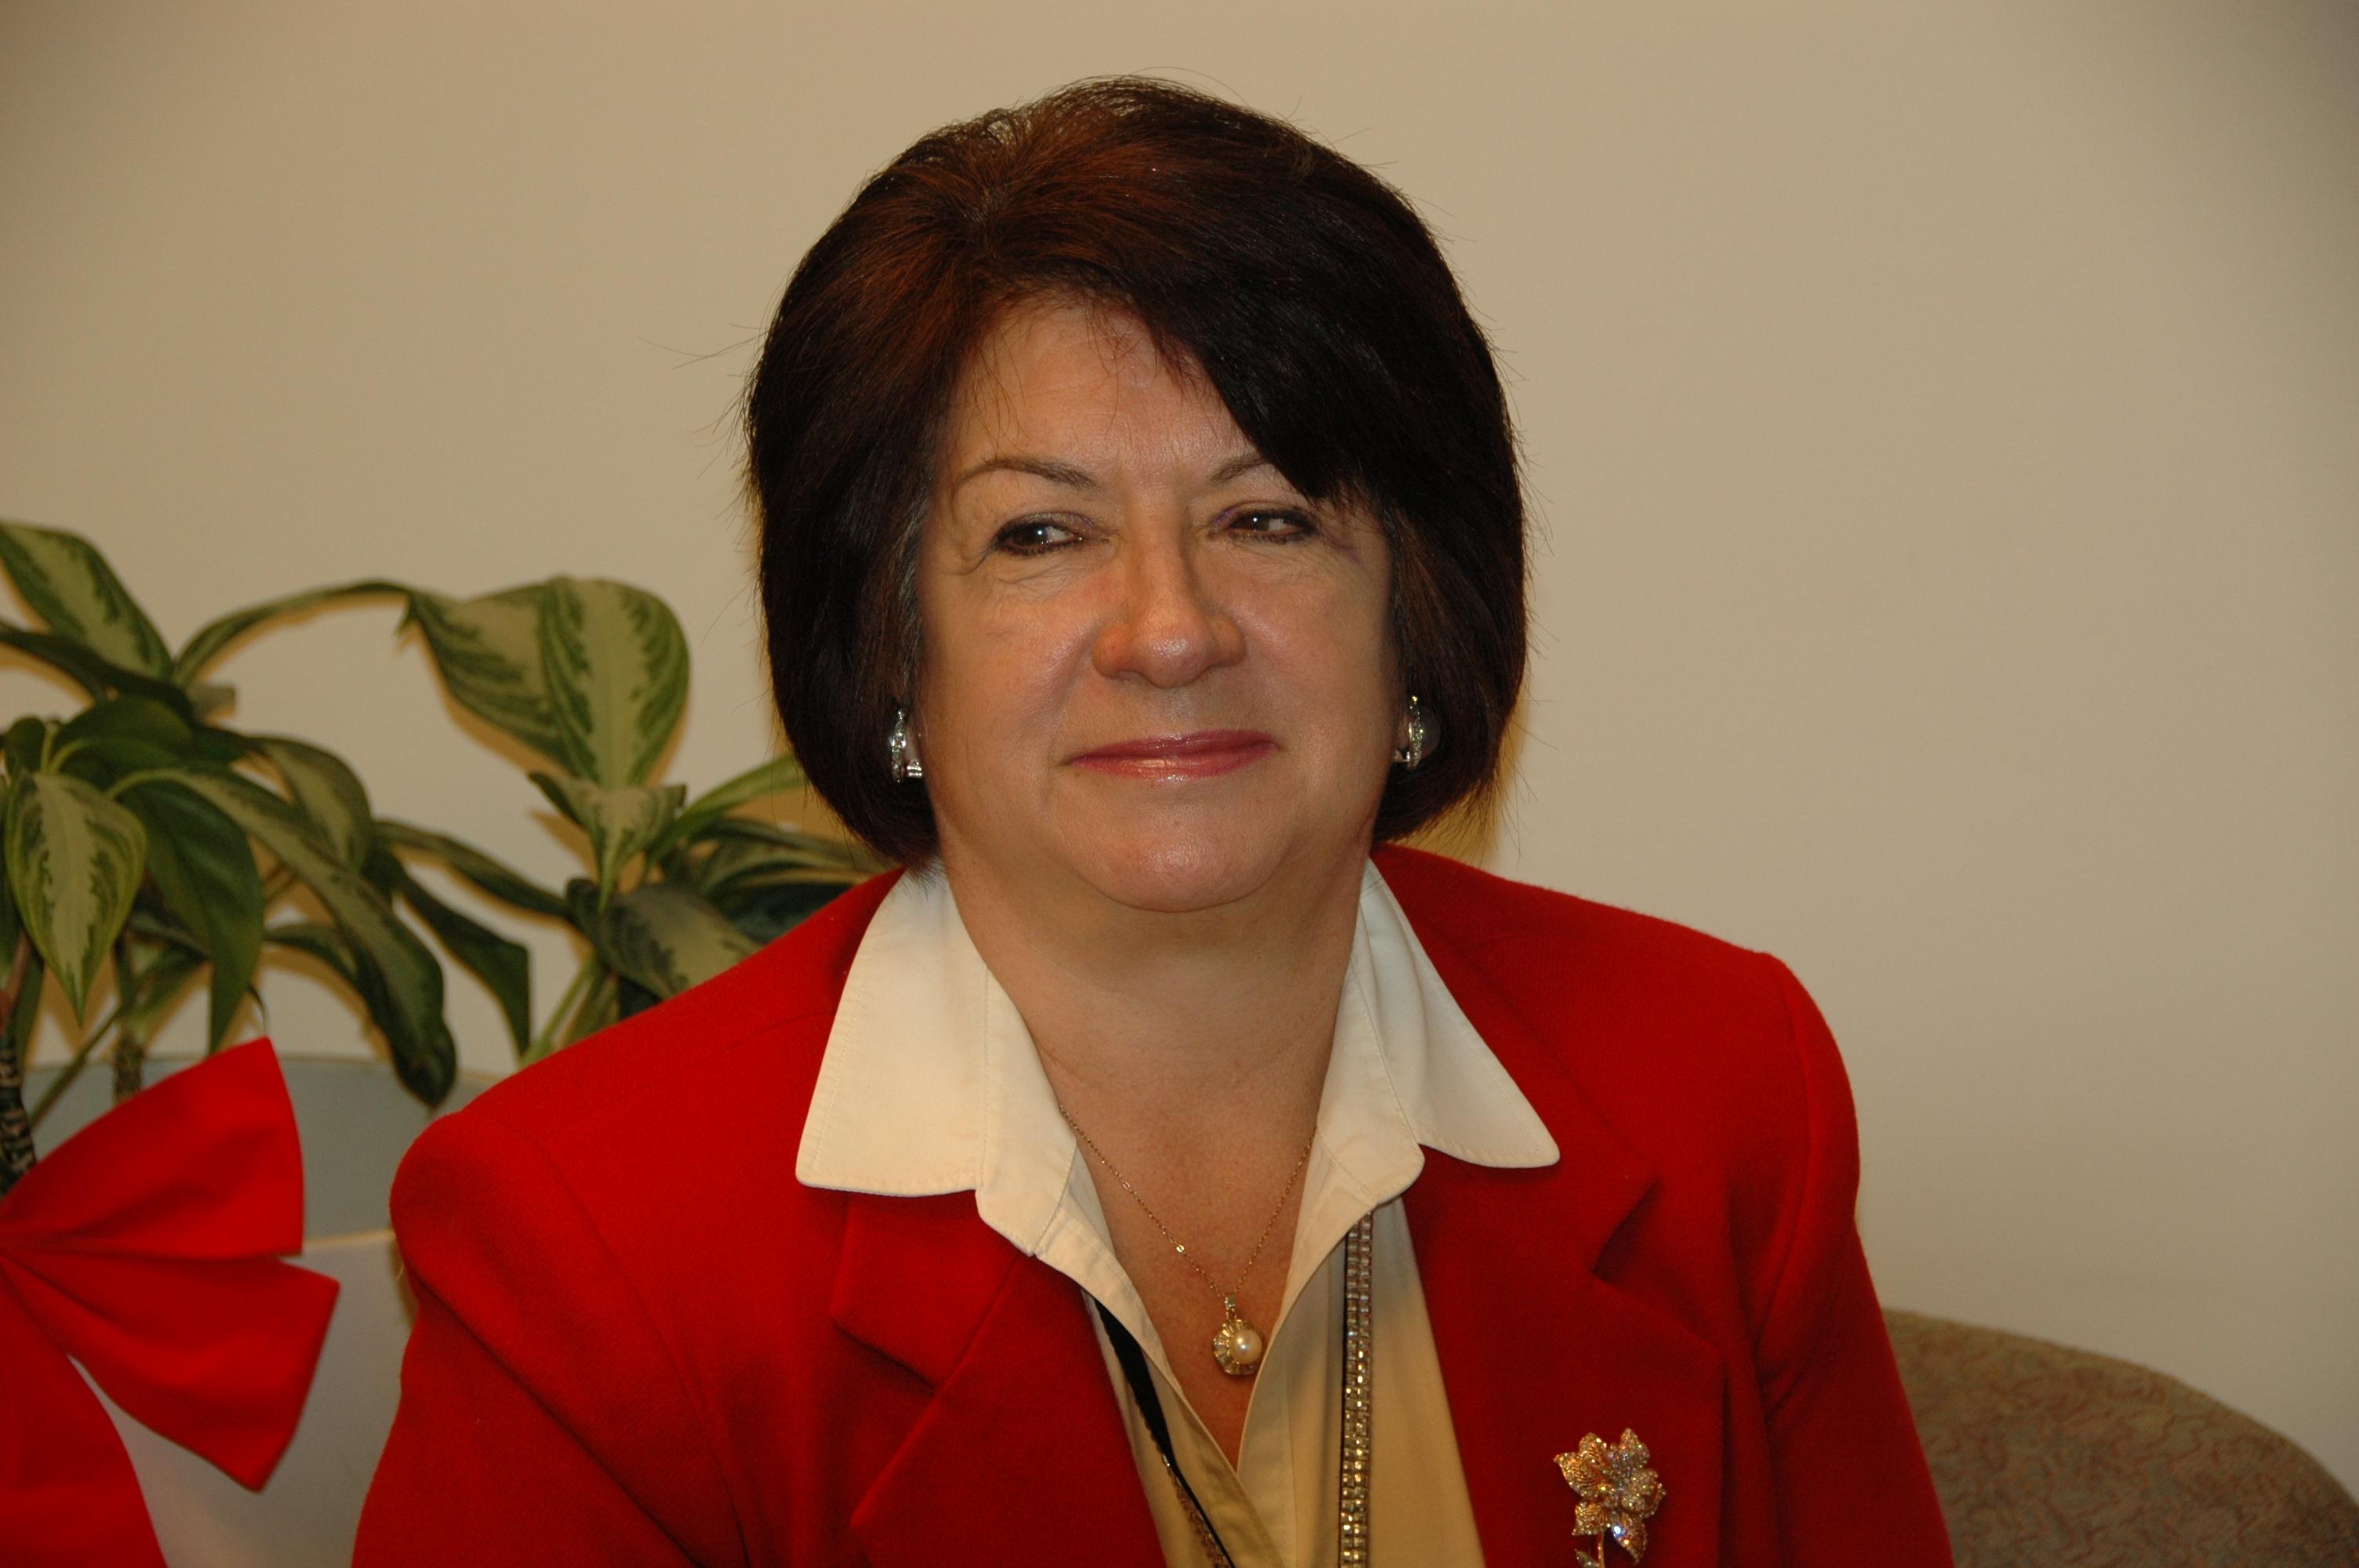 María Lechuga. (Foto José Ubaldo/El Pasajero)